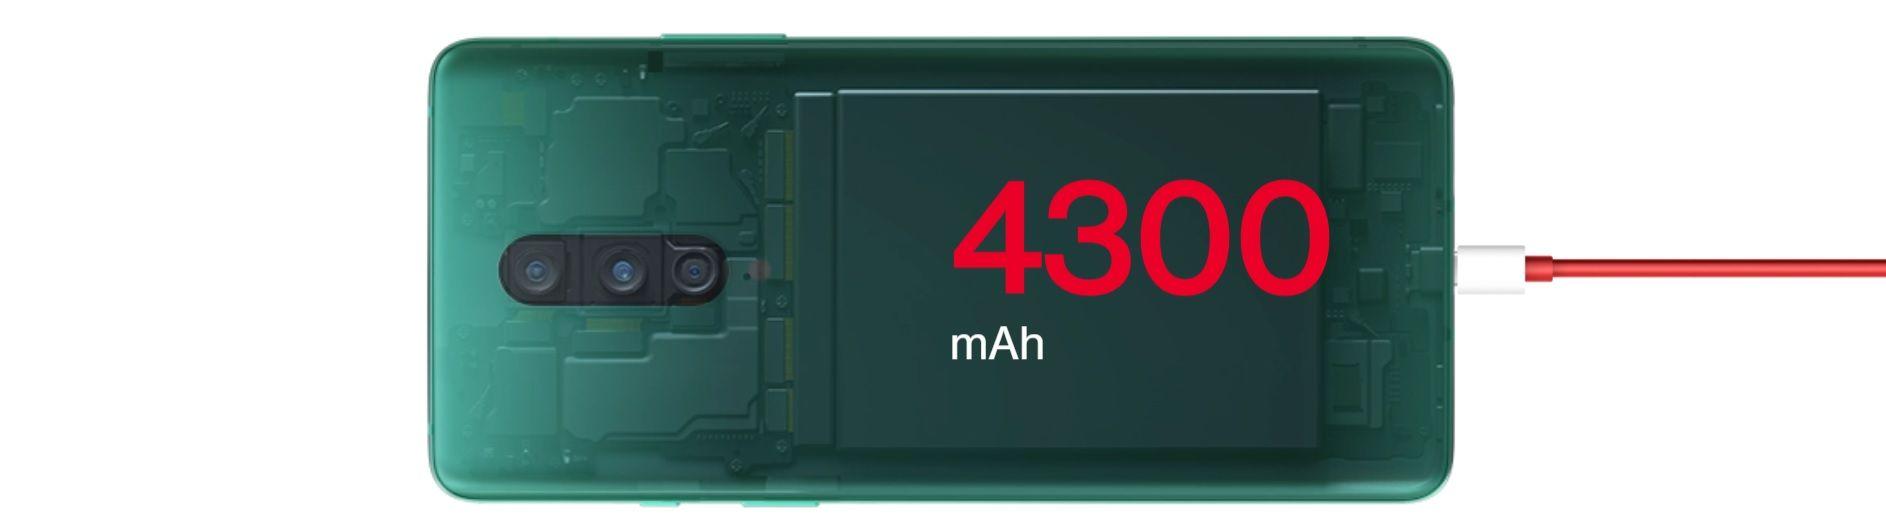 OnePlus 8 5G 12/256 Go Interstellar Glow image 5 | Rakuten